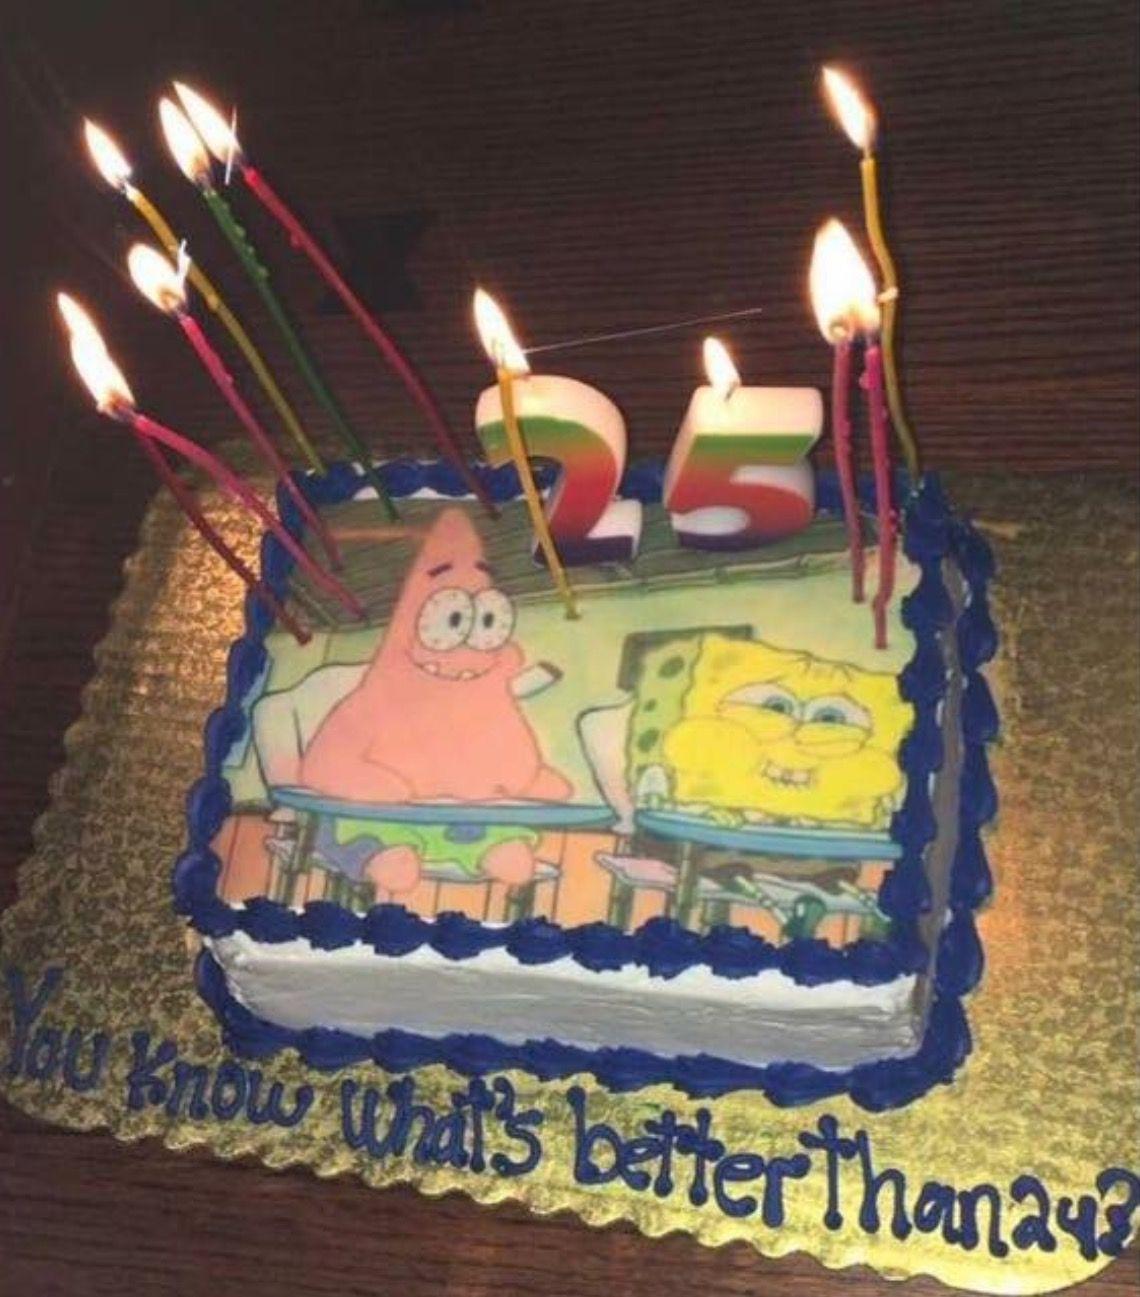 25th birthday cake spongebob themed birthdays Pinterest